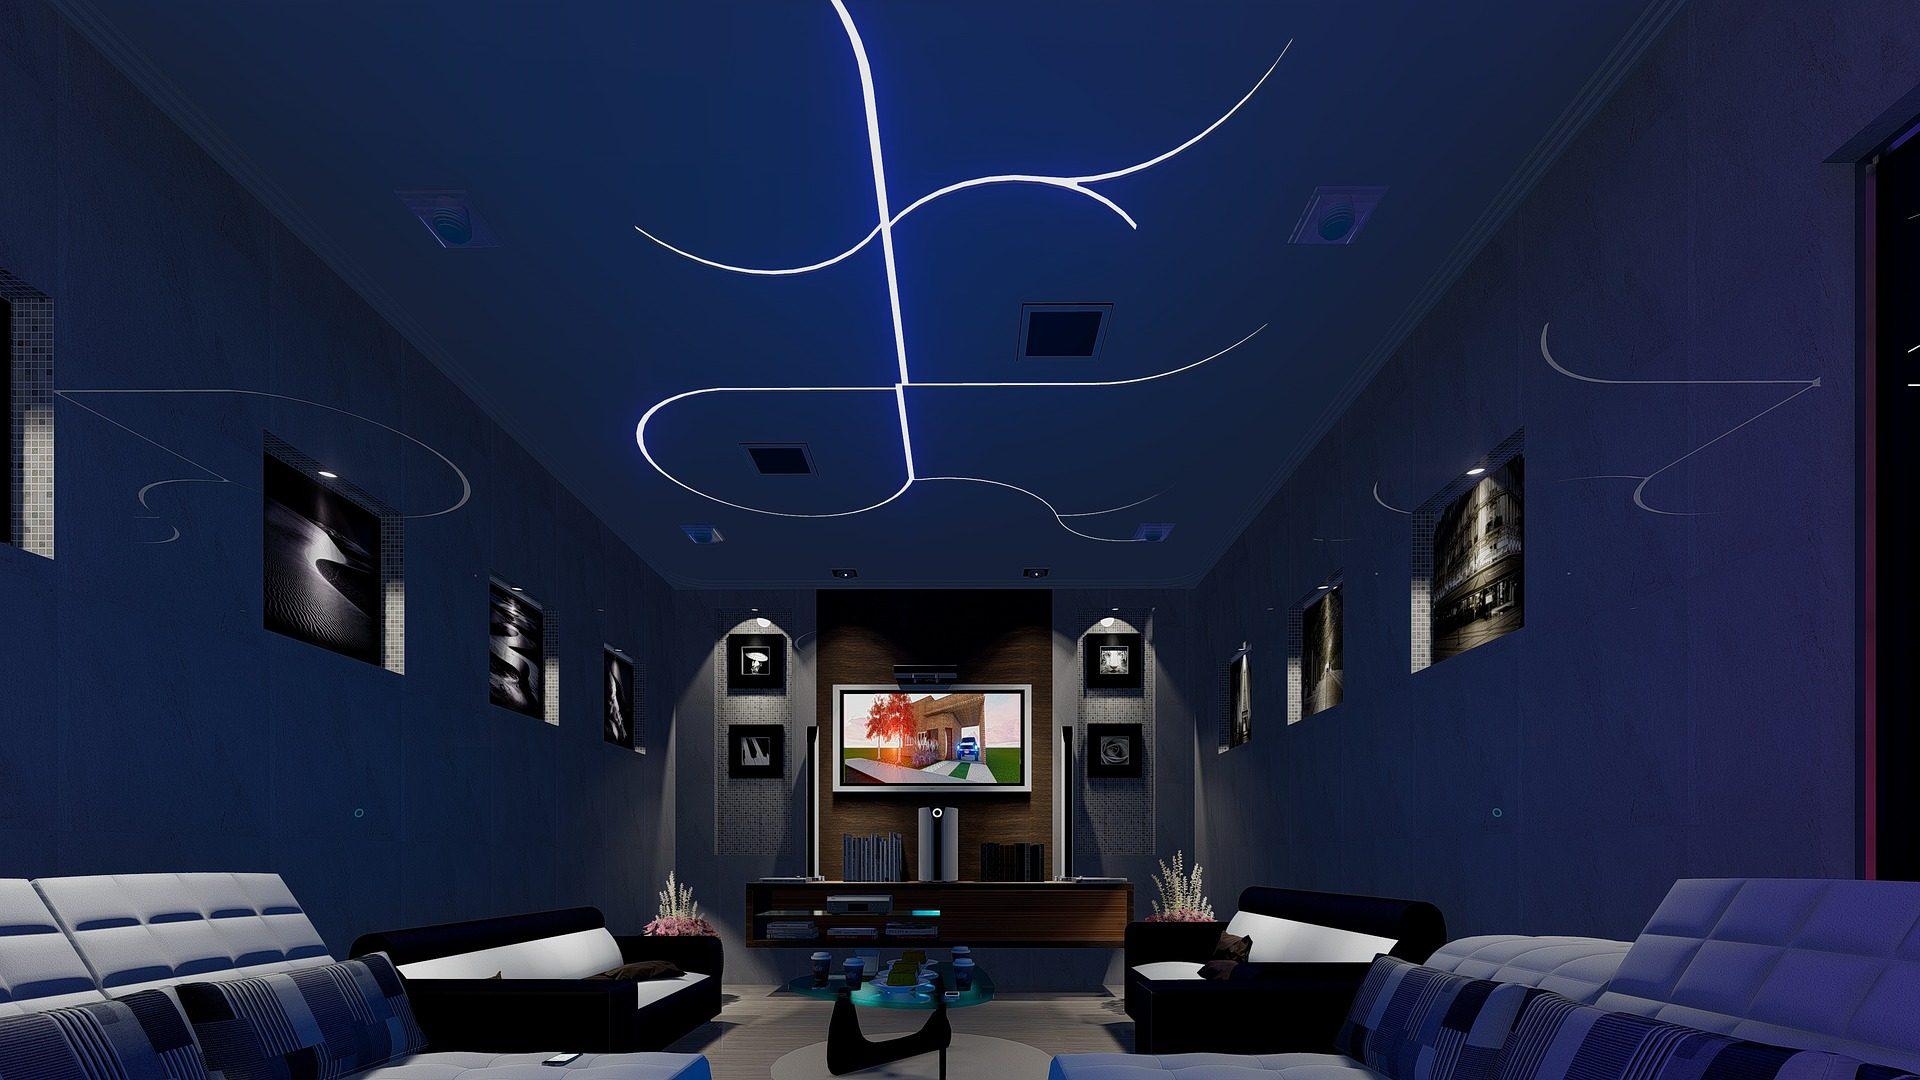 habitación, camera, Soggiorno, soggiorno, moderno, futuristico - Sfondi HD - Professor-falken.com